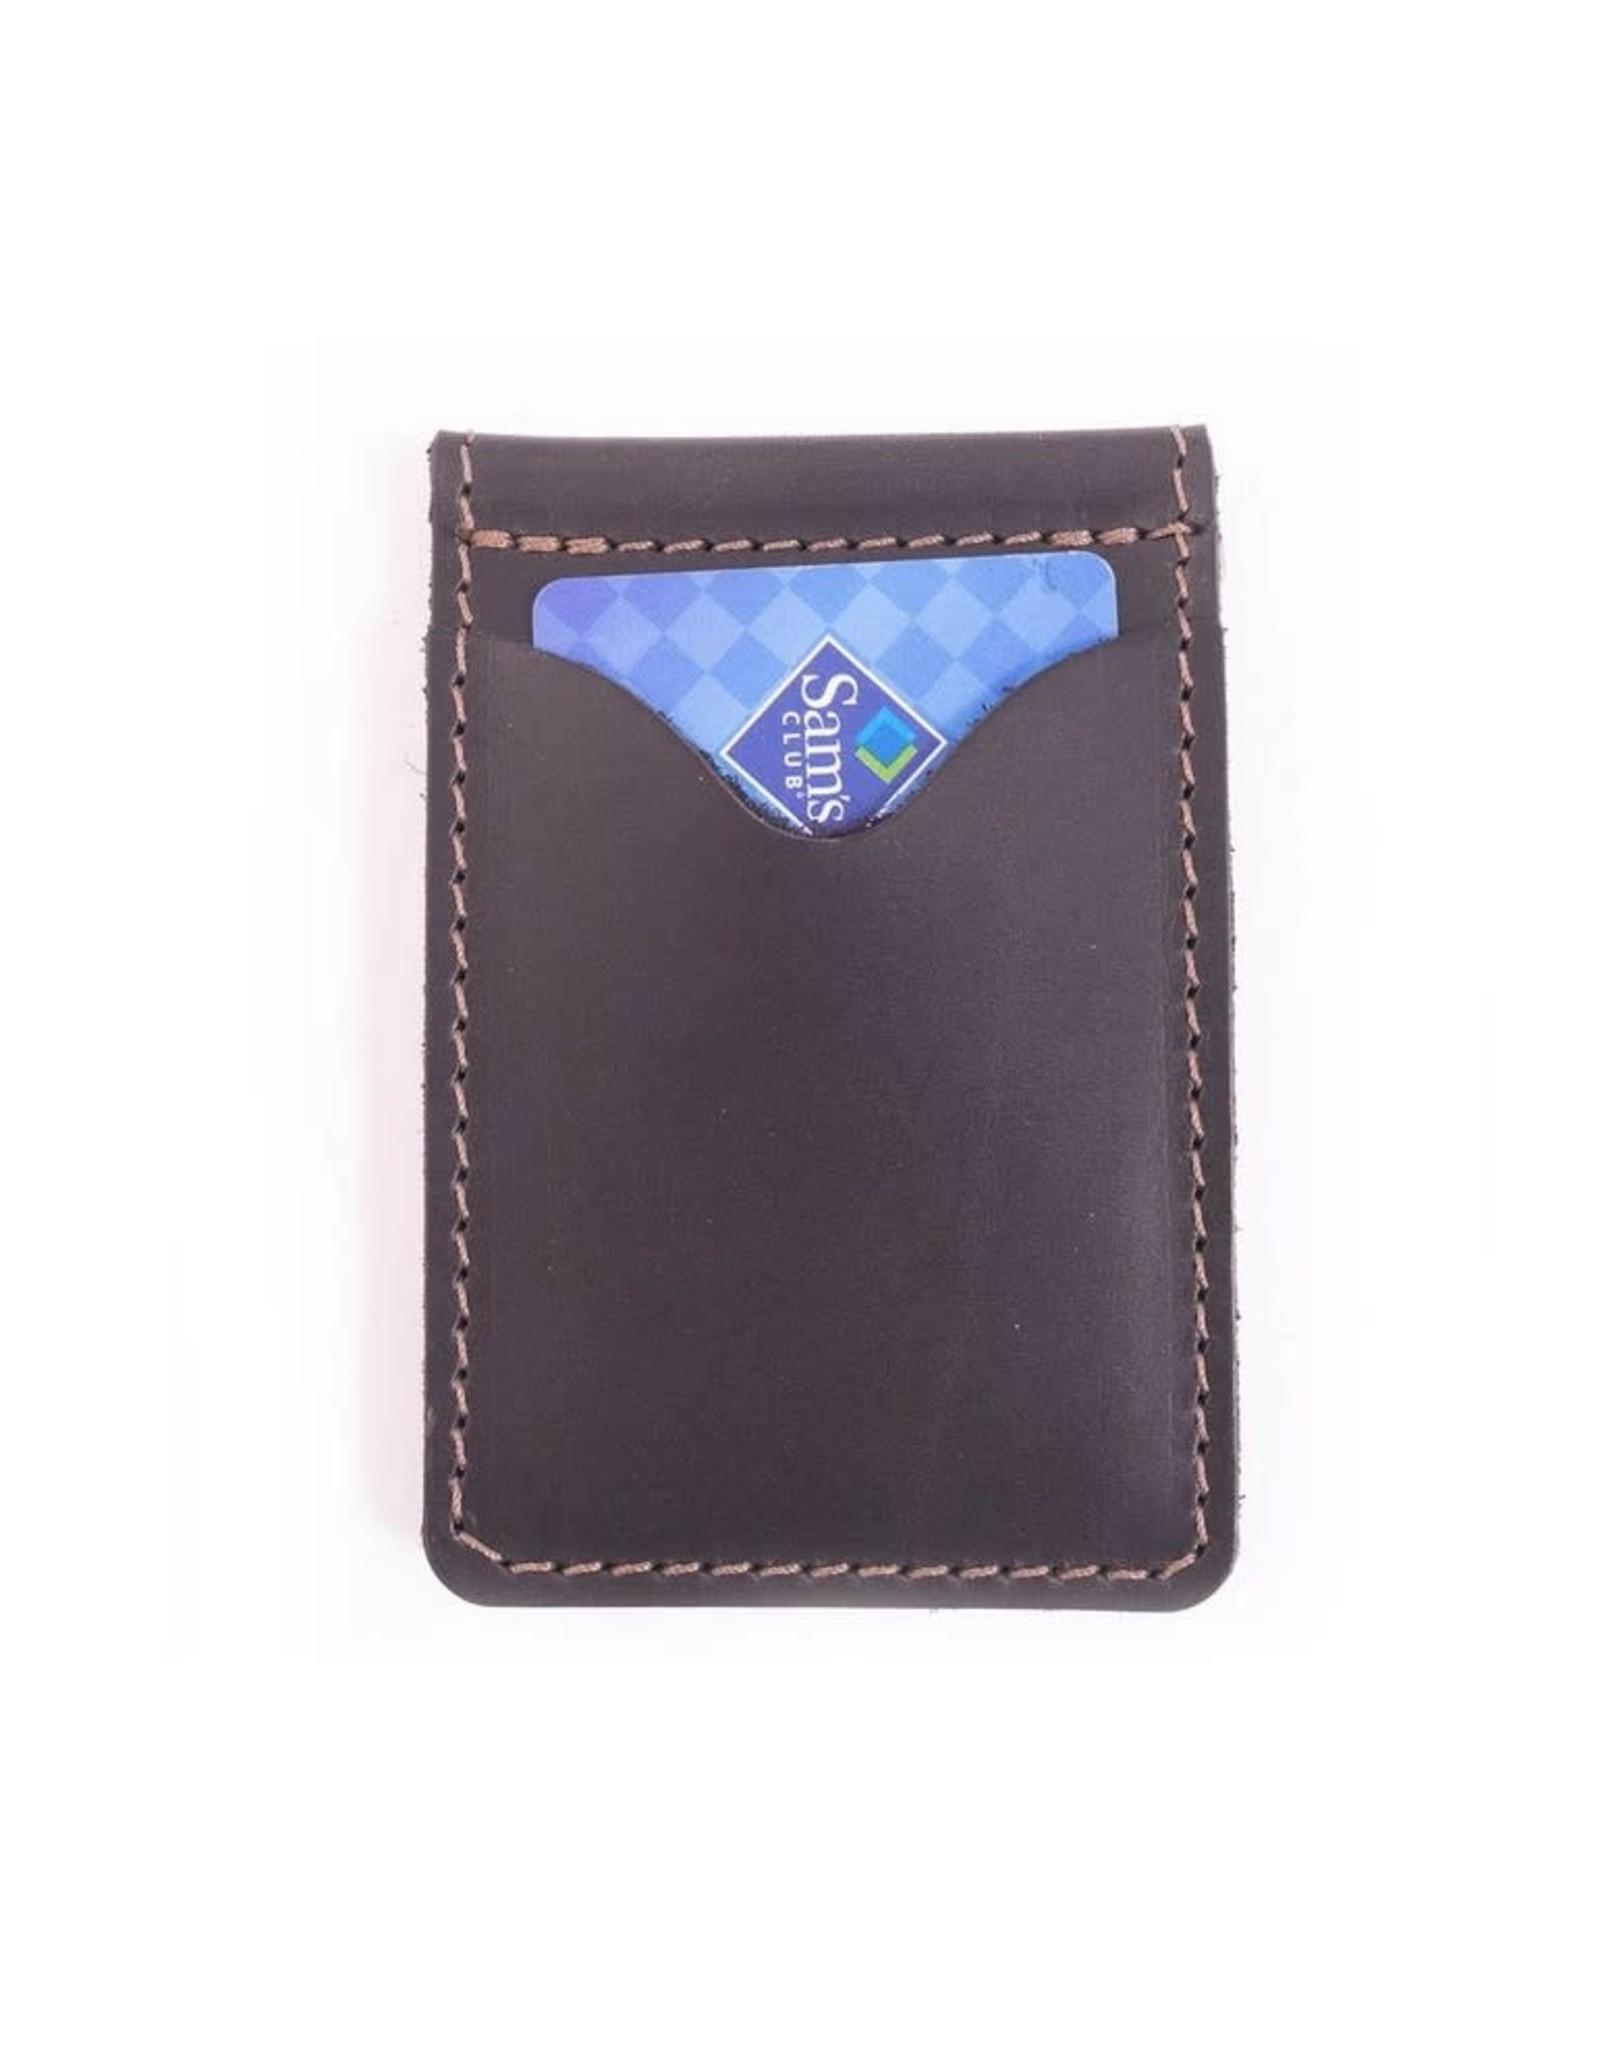 Rustico Rustico Money Clip Wallet